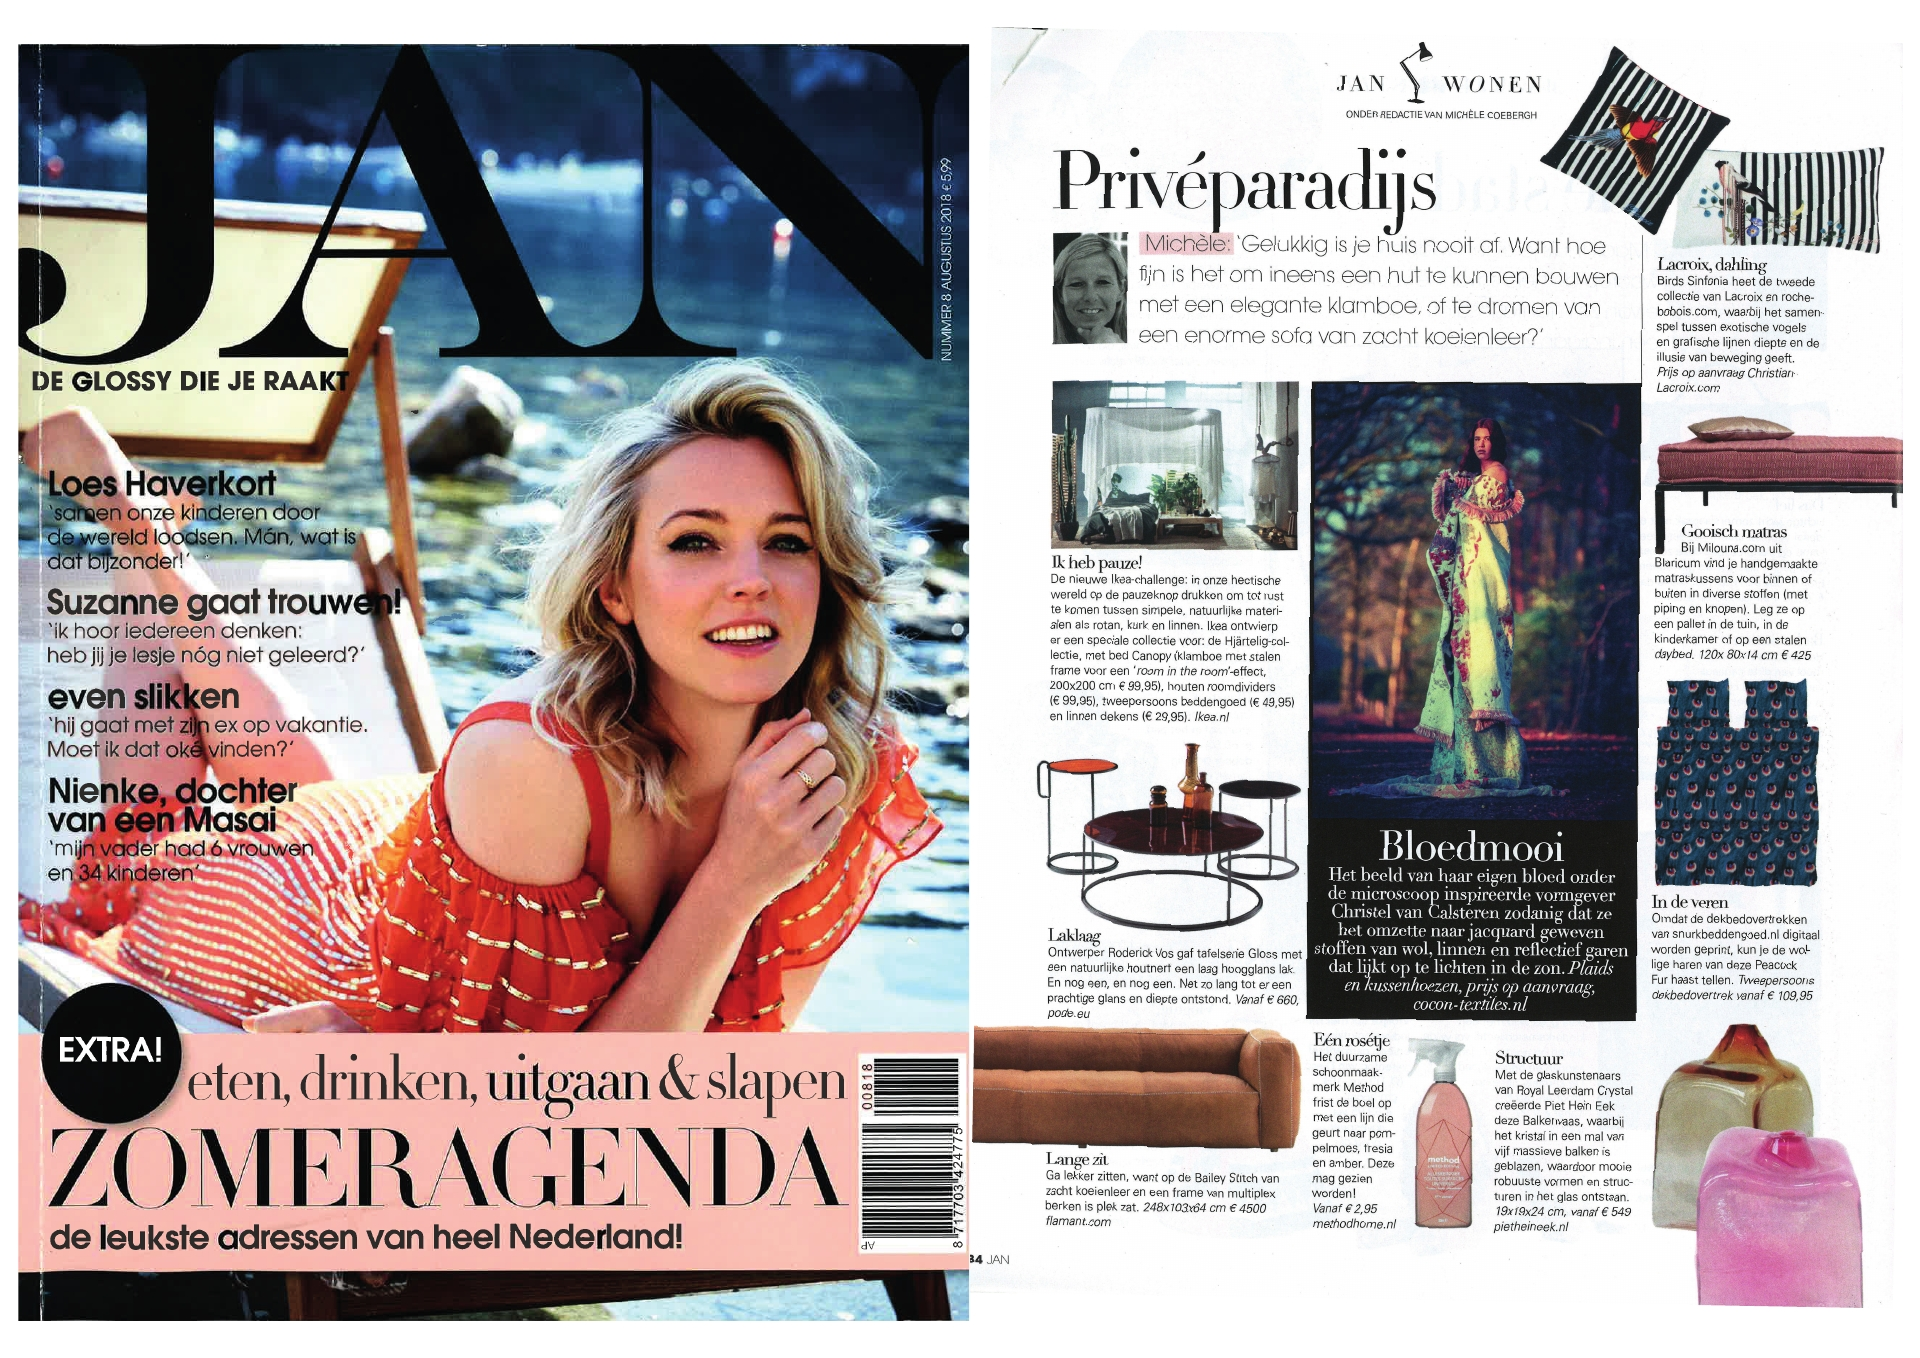 Milouna matraskussens en maatkussens in Jan Magazine